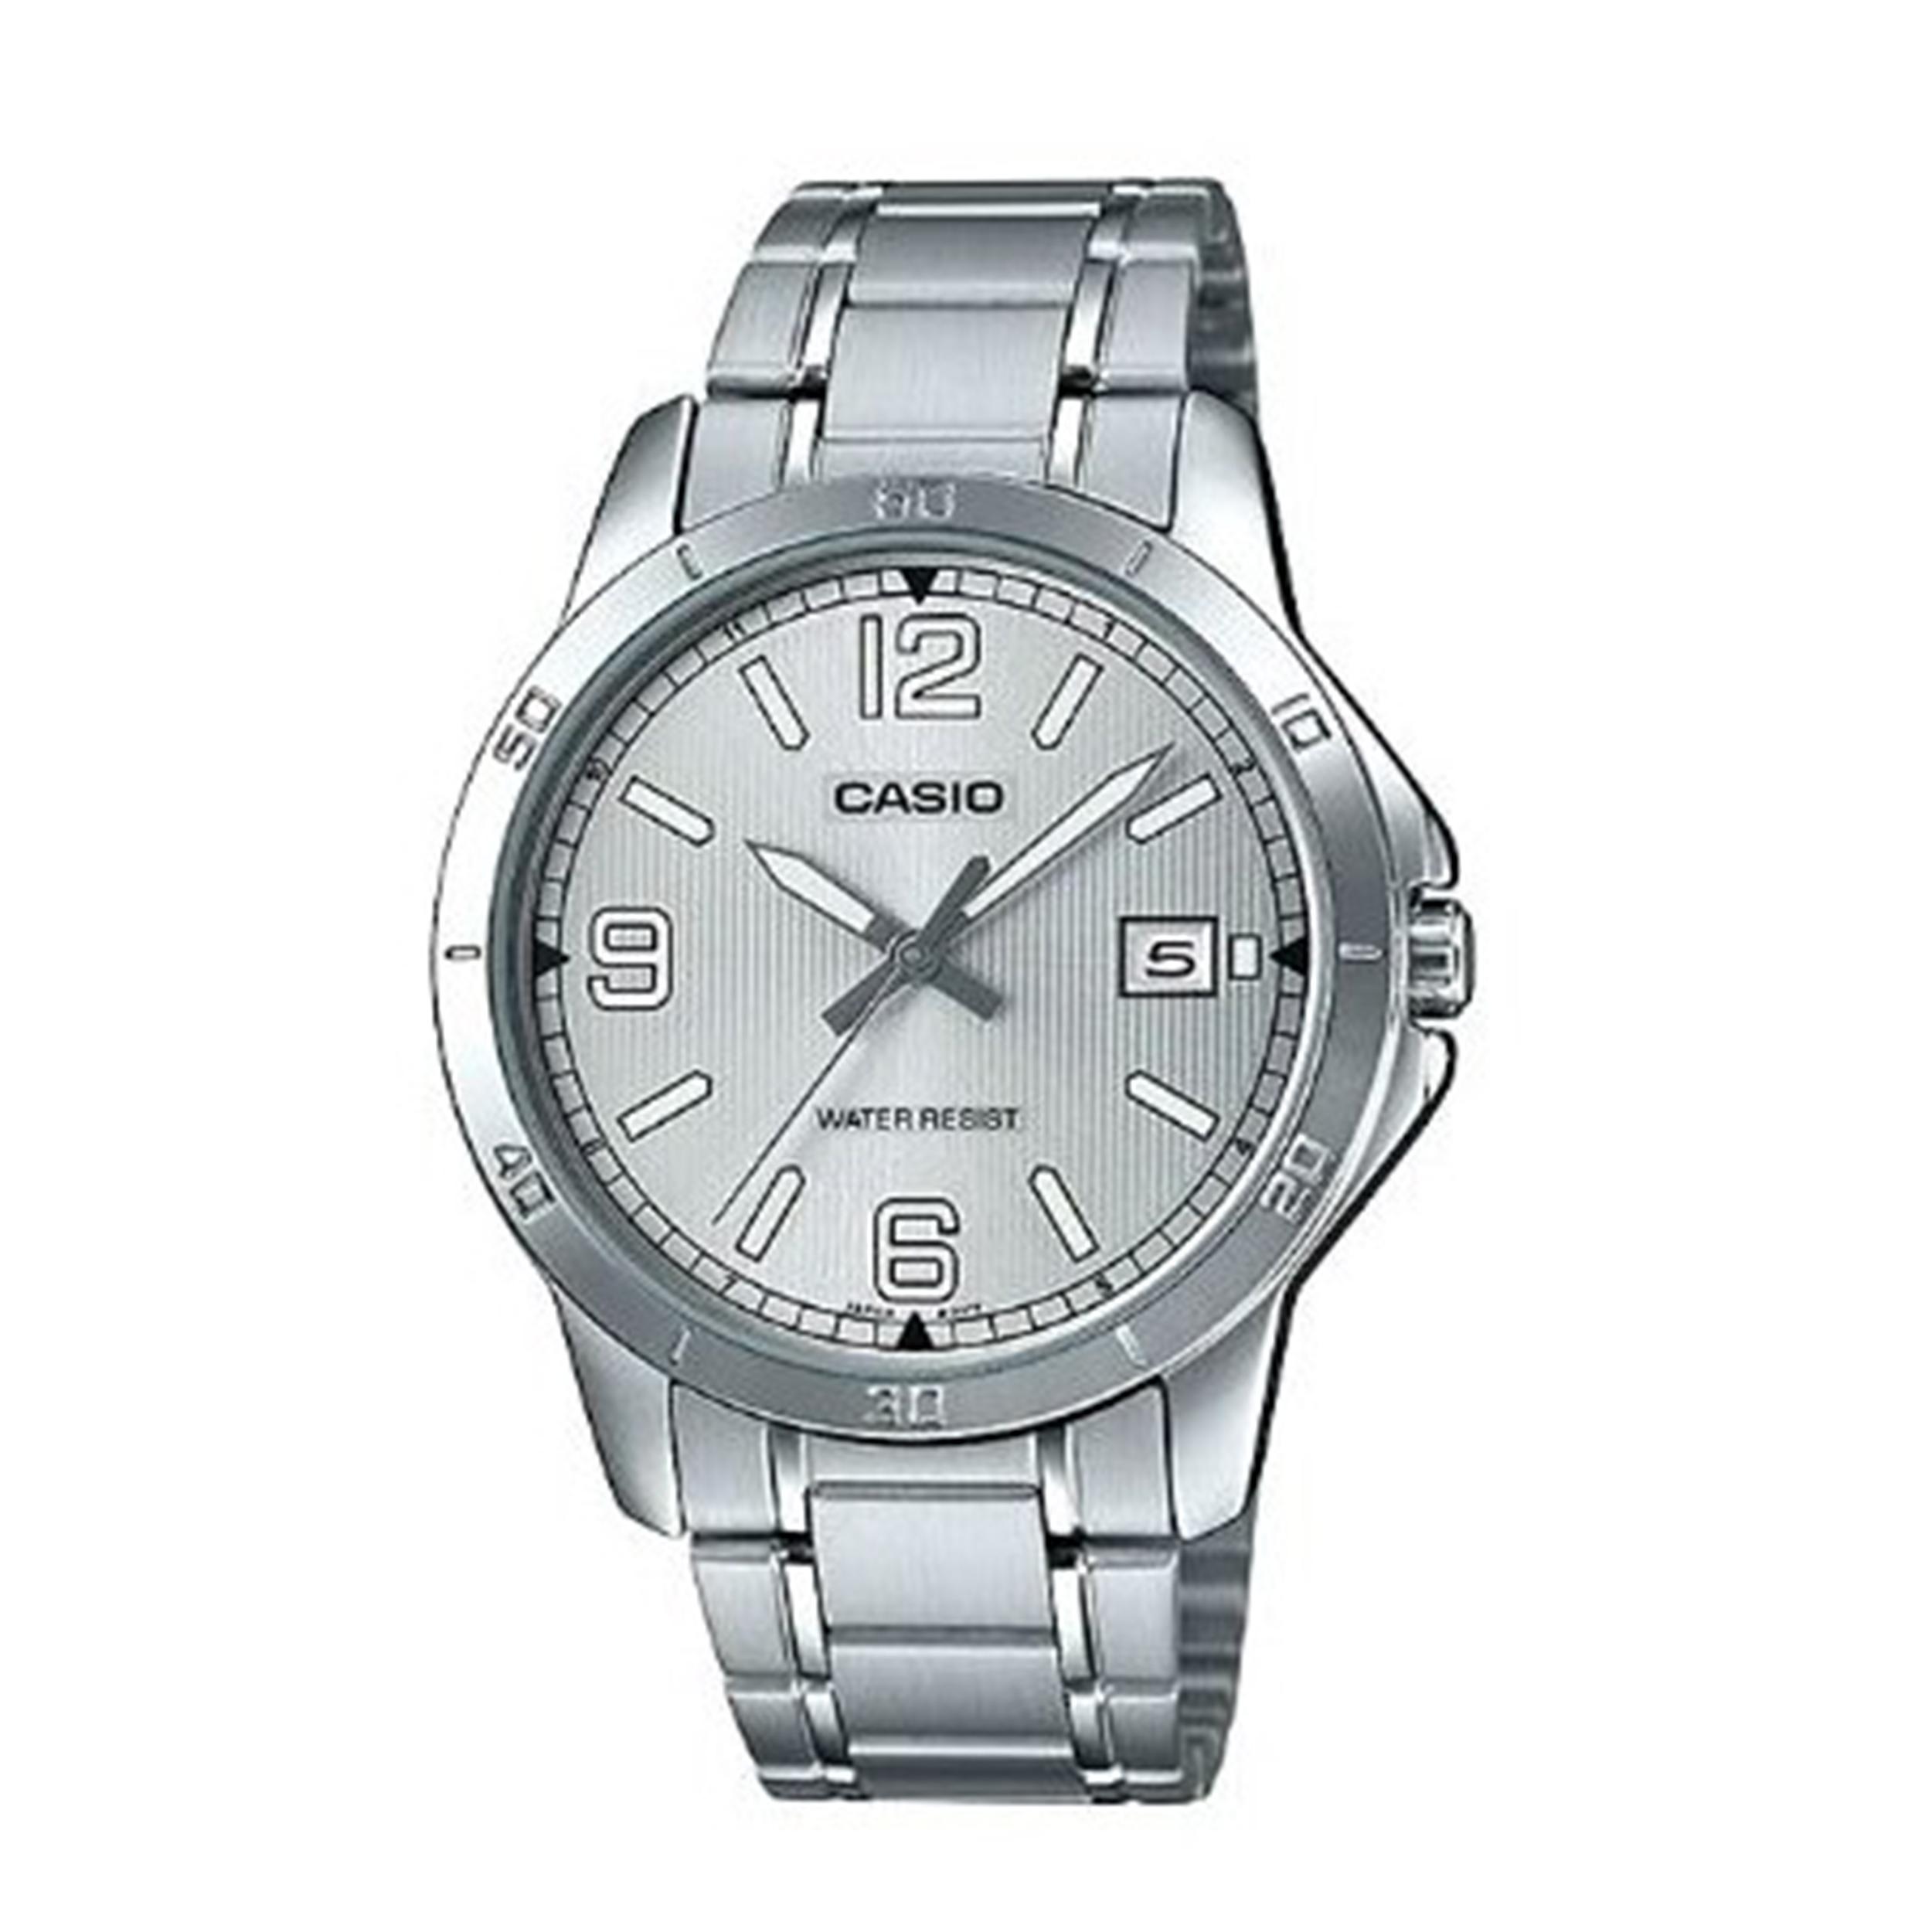 ساعت مچی عقربه ای مردانه کاسیو مدل MTP-V004D-7B2UDF              خرید (⭐️⭐️⭐️)